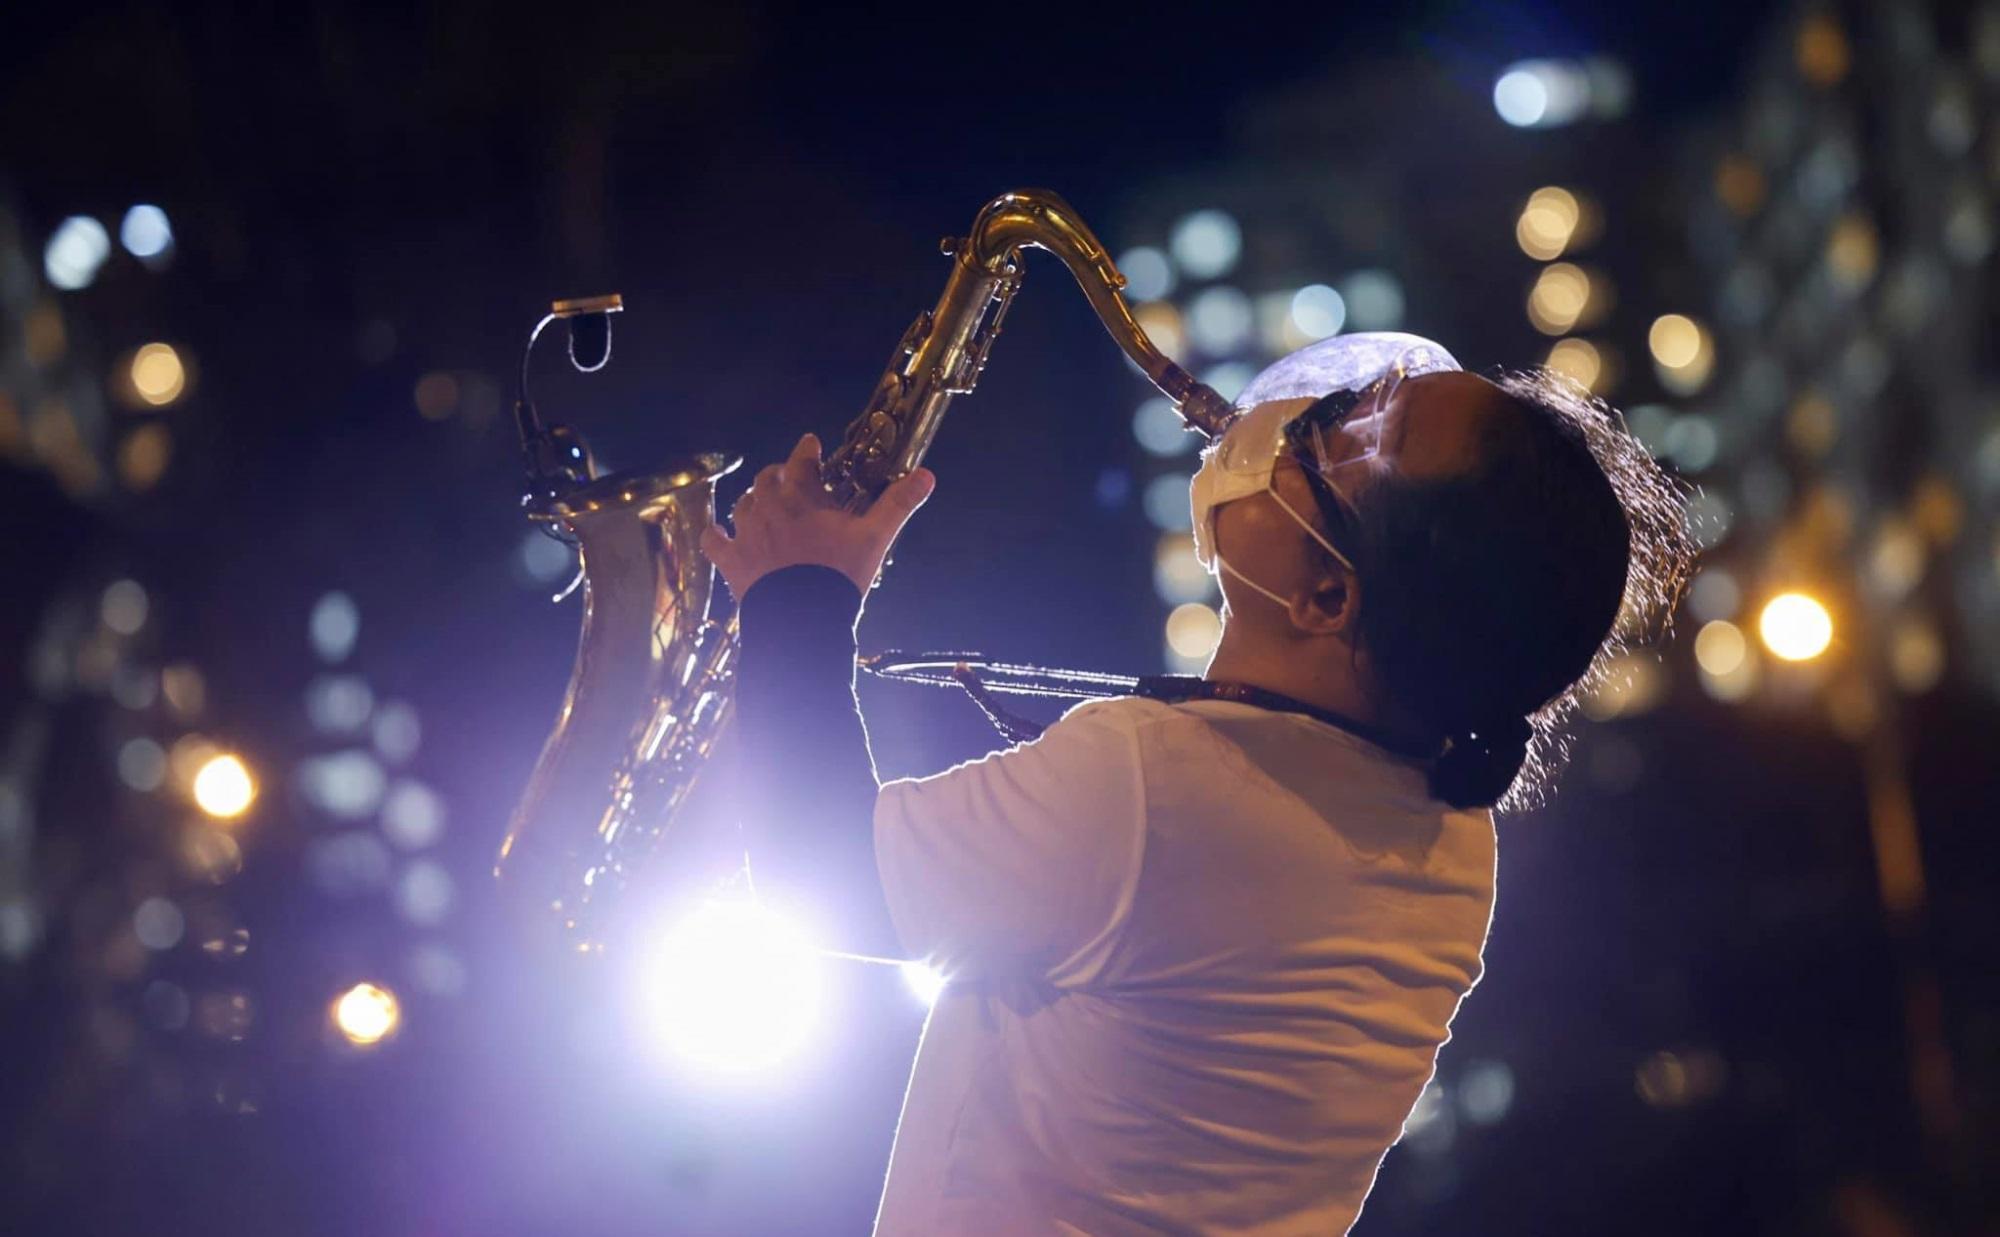 Nghệ sĩ saxophone Trần Mạnh Tuấn mang khẩu trang, biểu diễn động viên tinh thần tại Bệnh viện dã chiến thu dung số 3 - Ảnh 2